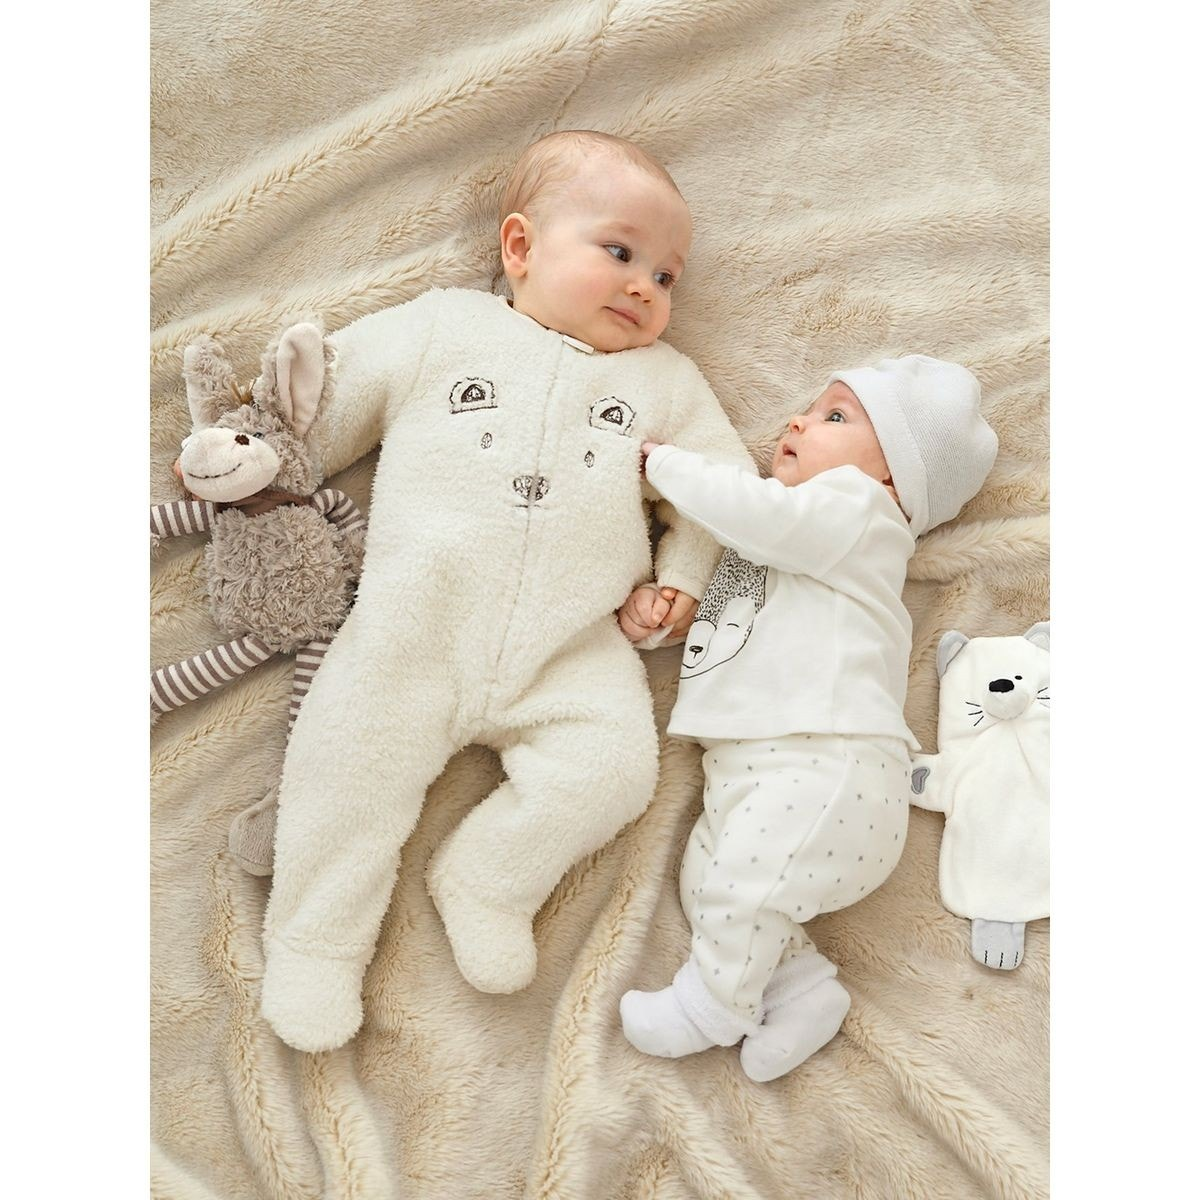 50decee83a3c9 À quel âge mettre un surpyjama à votre enfant